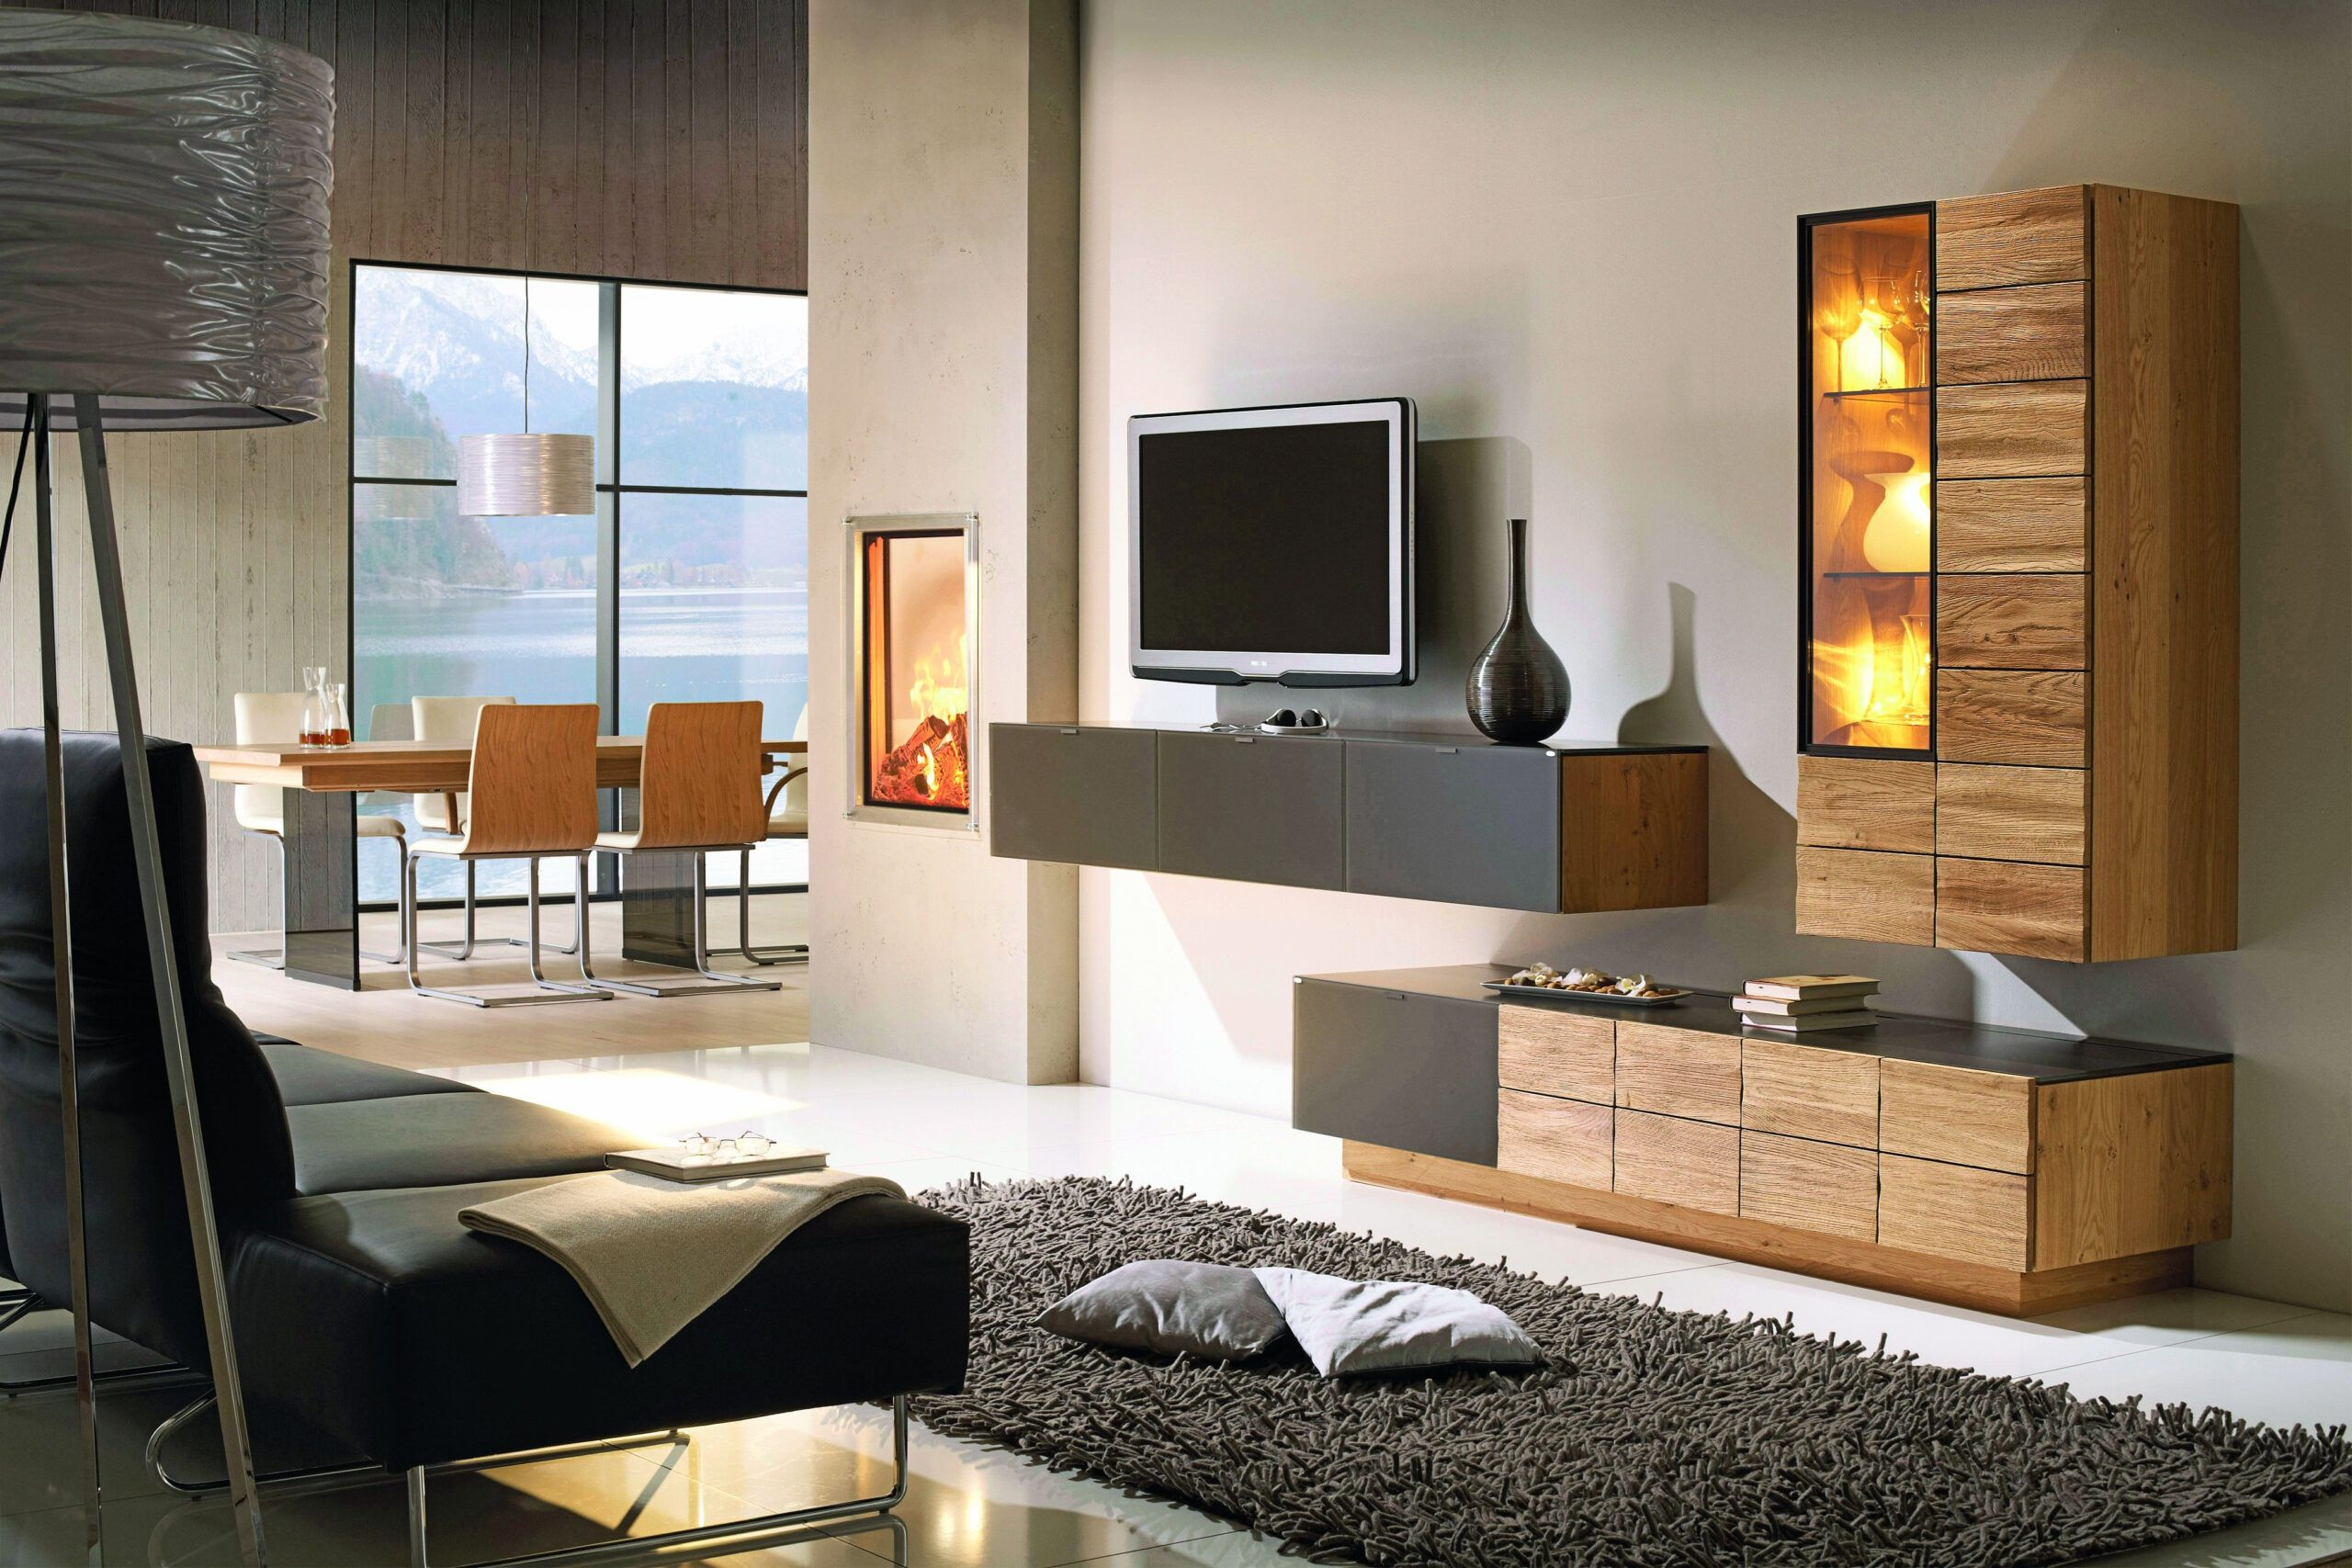 Xxxlutz Wohnzimmer   Home decor, Furniture, Home